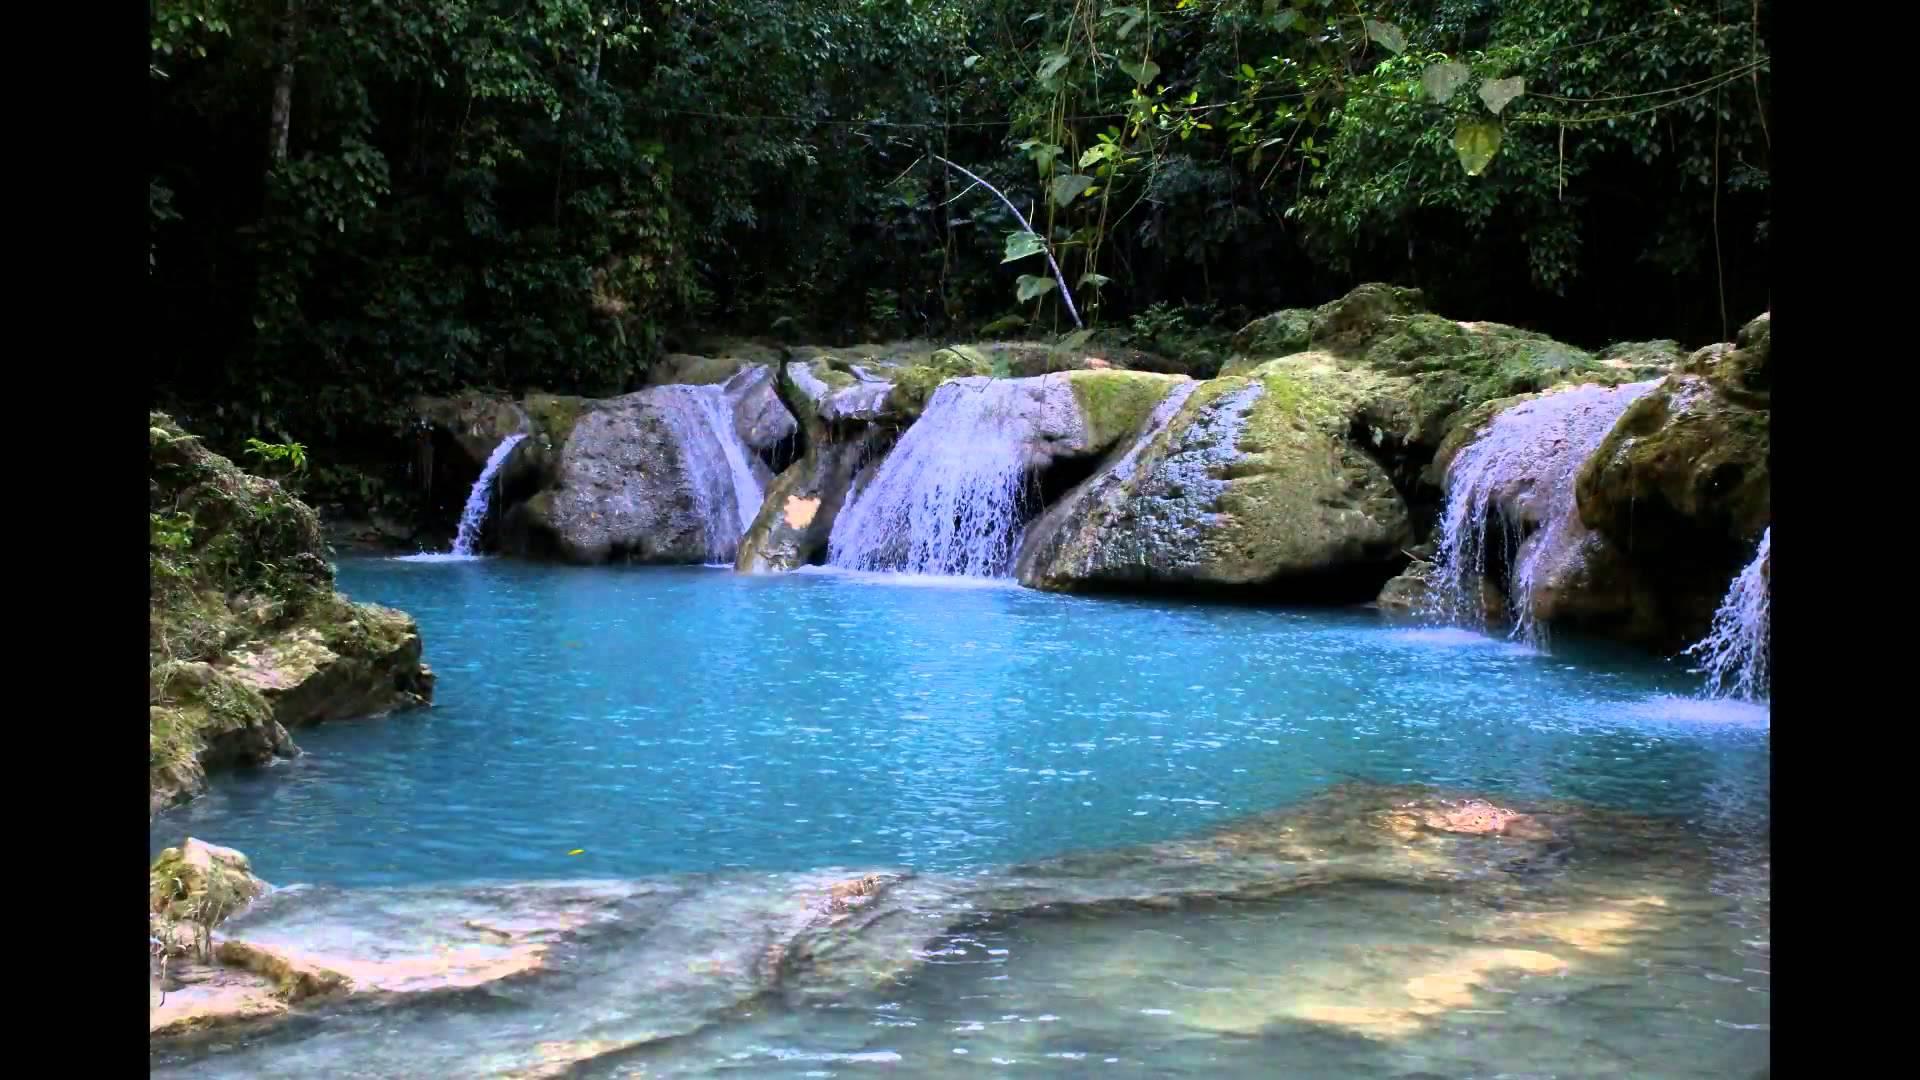 Ocho-Rios-dunns-river-falls-Jamaica